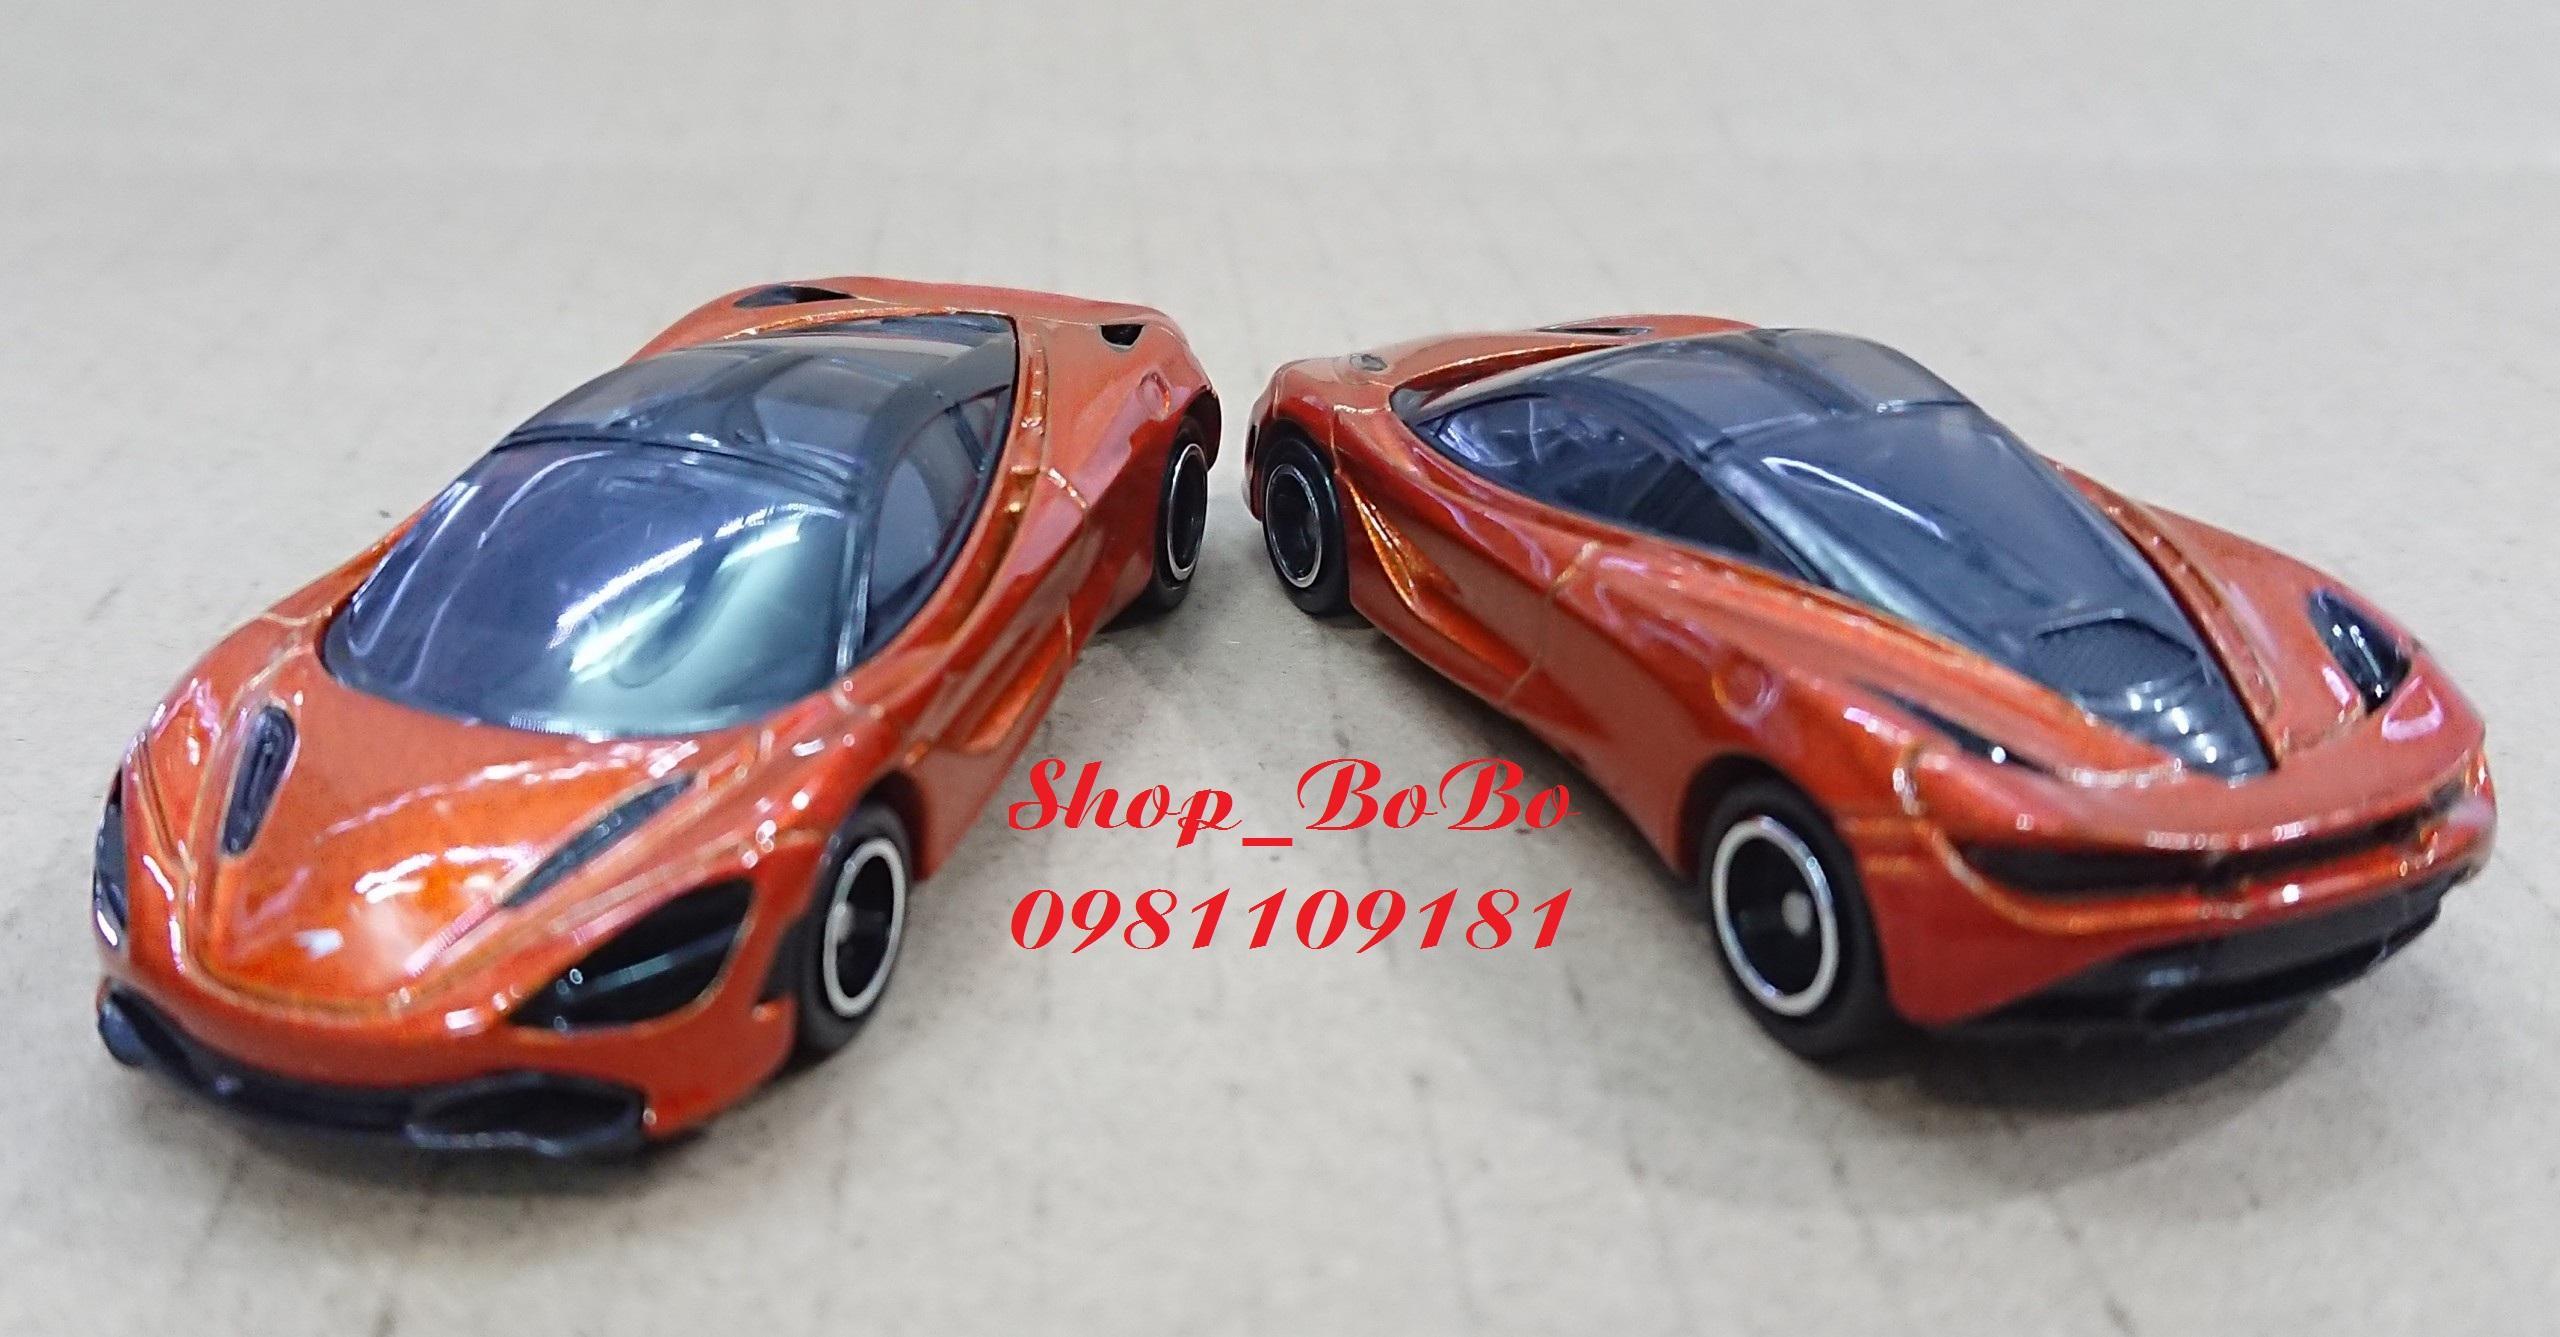 Mã Giảm Giá Xe Mô Hình TOMICA McLaren 720S Màu Cam Giá Rẻ.